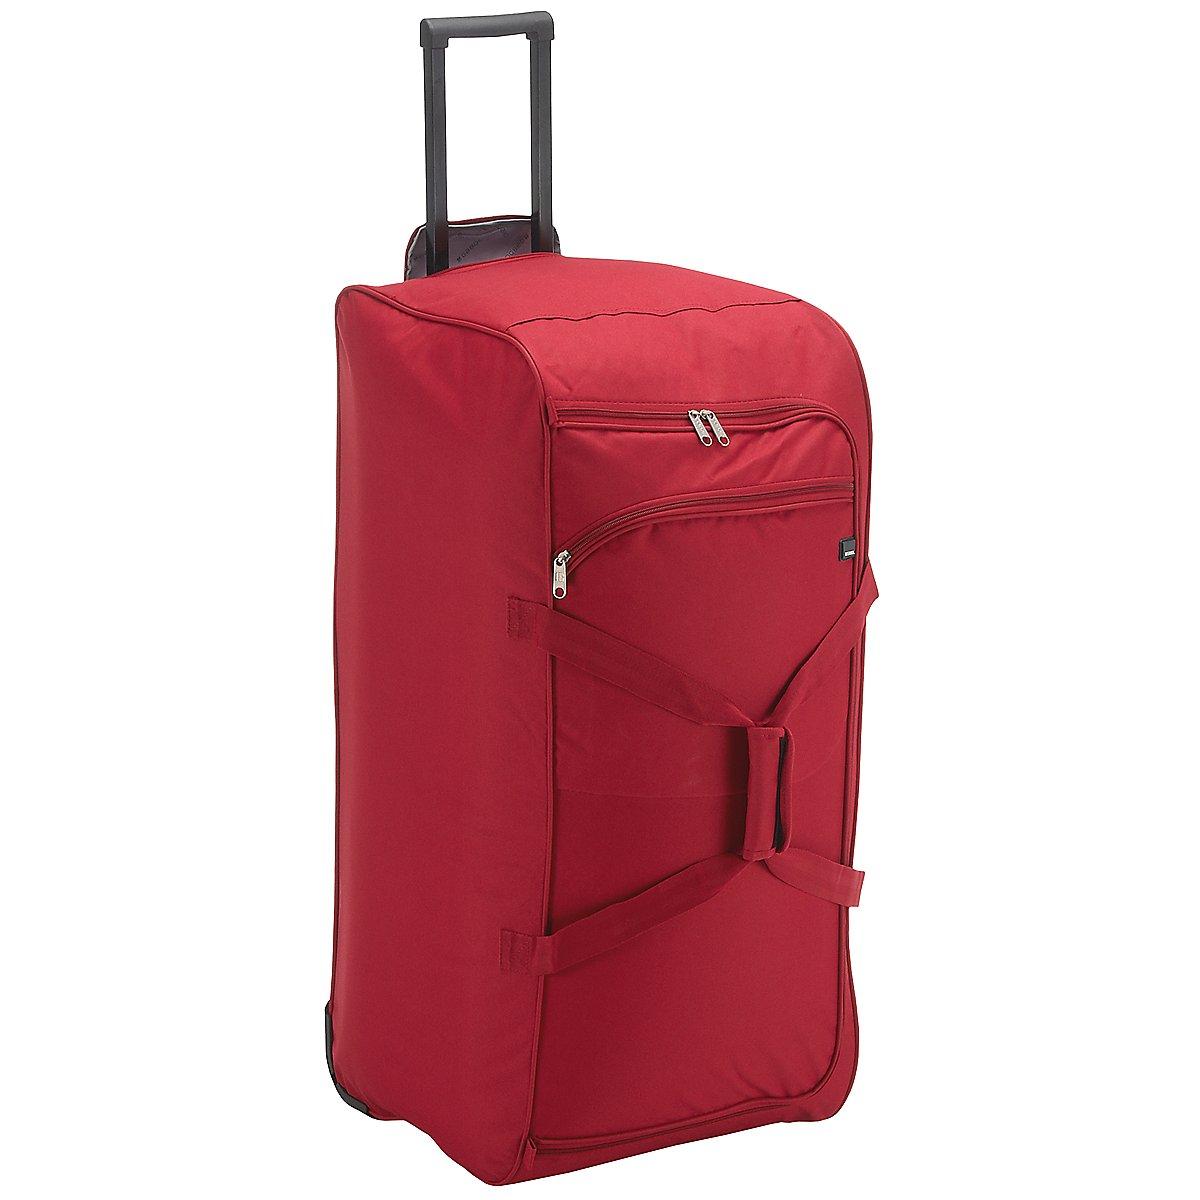 gabol week reisetasche auf rollen 83 cm koffer. Black Bedroom Furniture Sets. Home Design Ideas